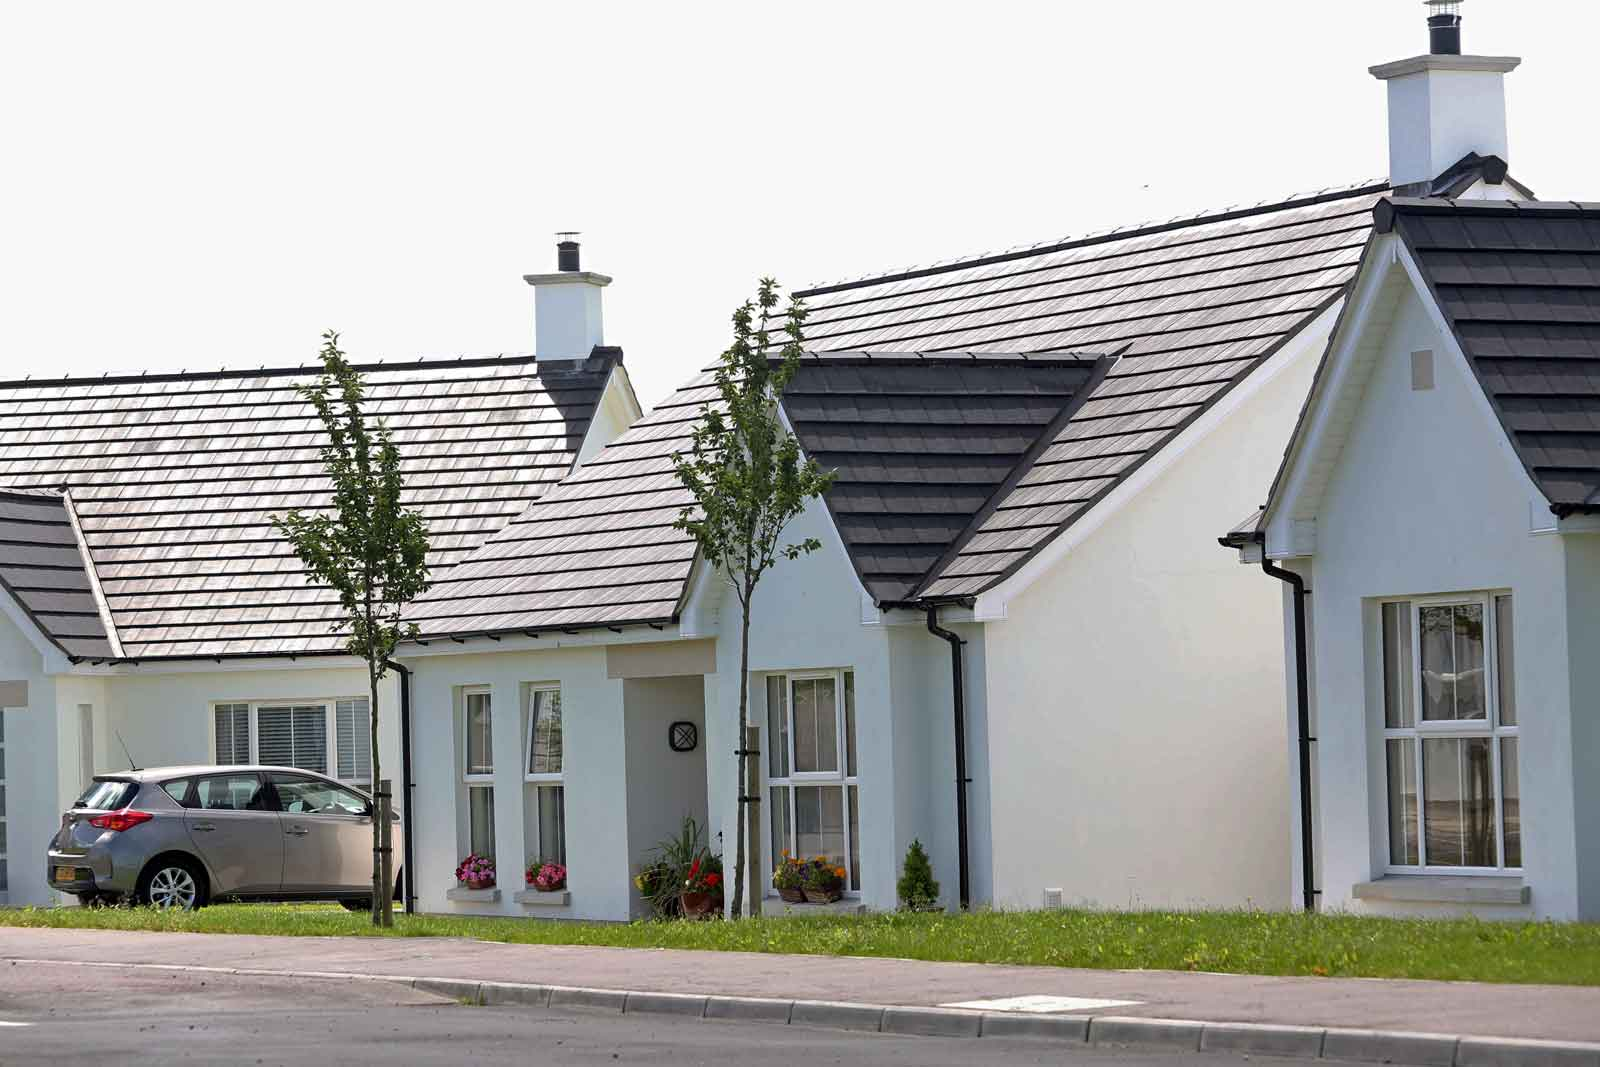 Retirement Village, Banbridge